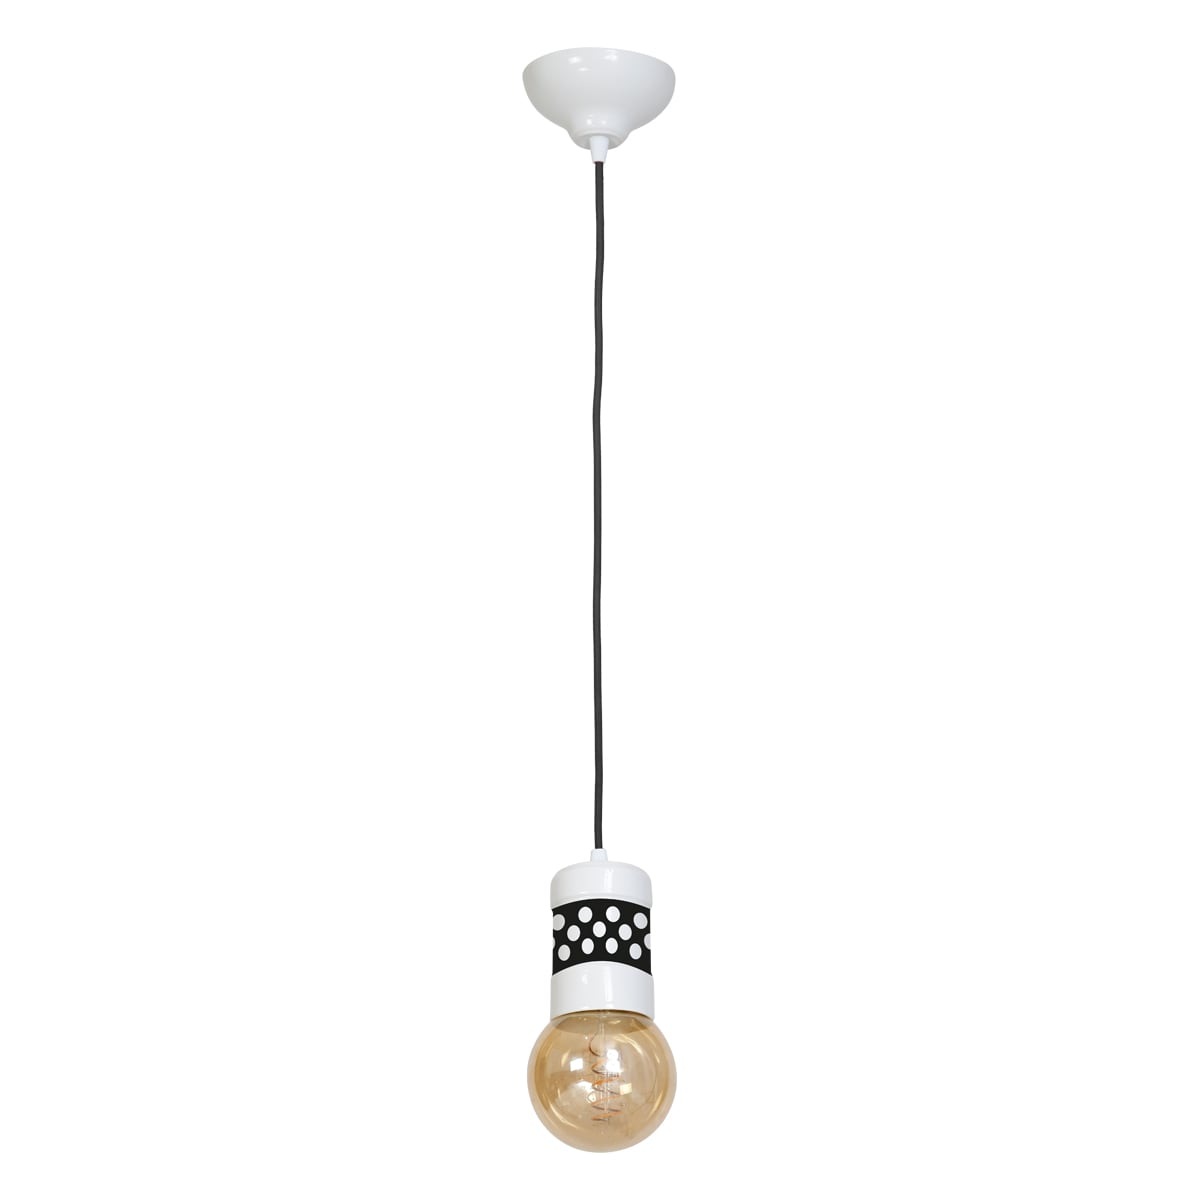 Závěsná svítilna Milagro AMELIE 558 Multi 1xE27 40W